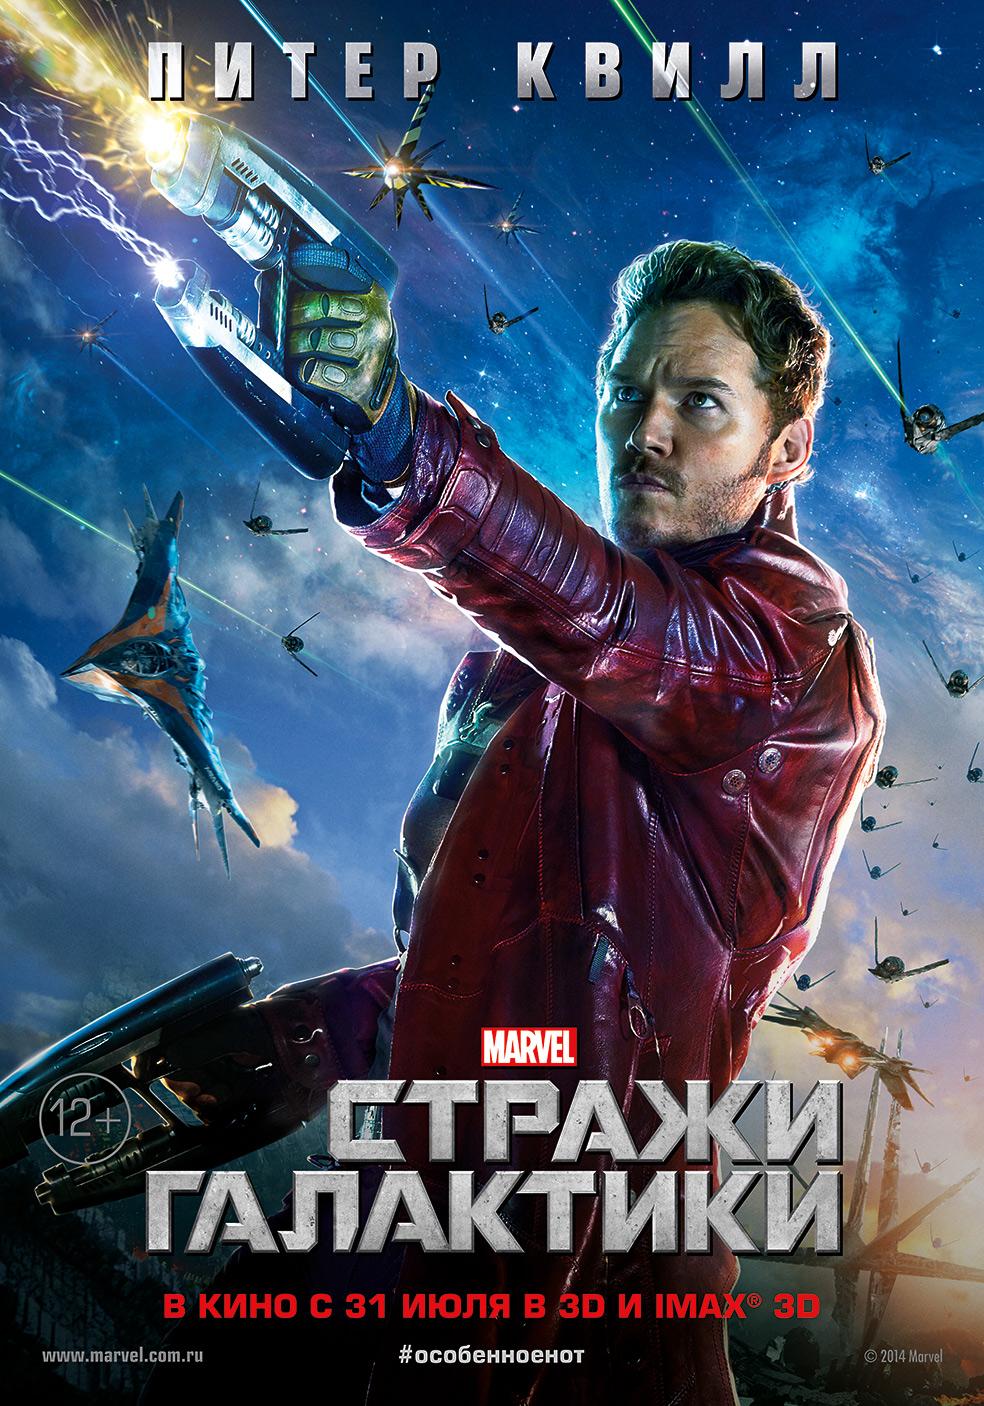 смотреть трейлер стражи галактики трейлер на русском